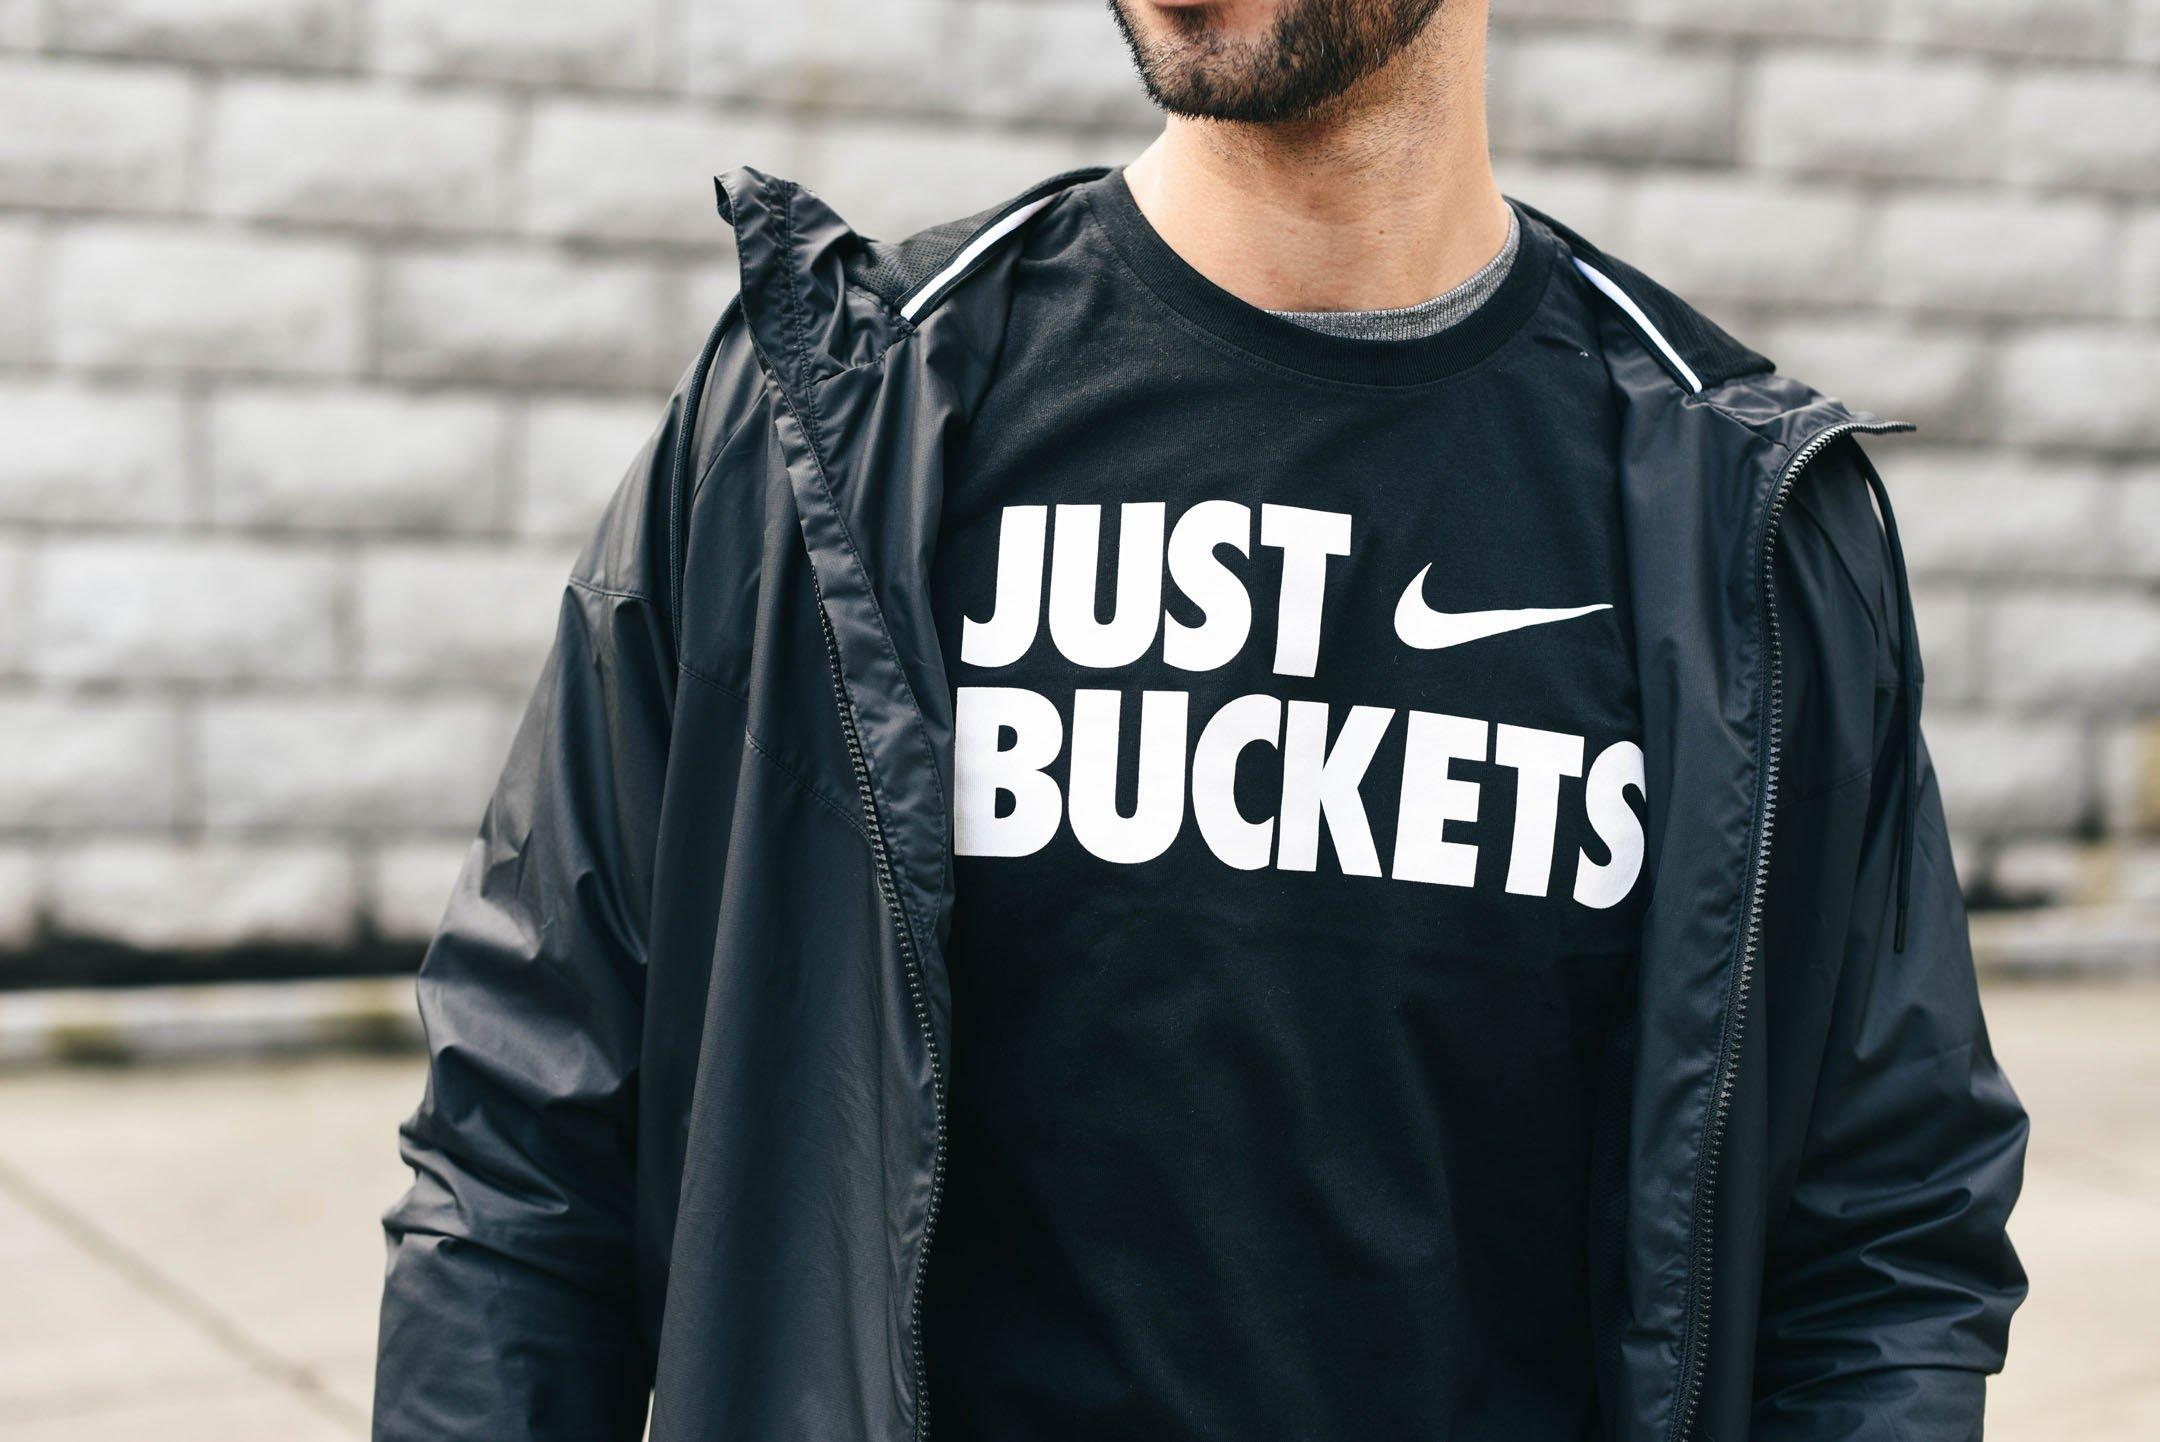 just-buckets-nike-tee